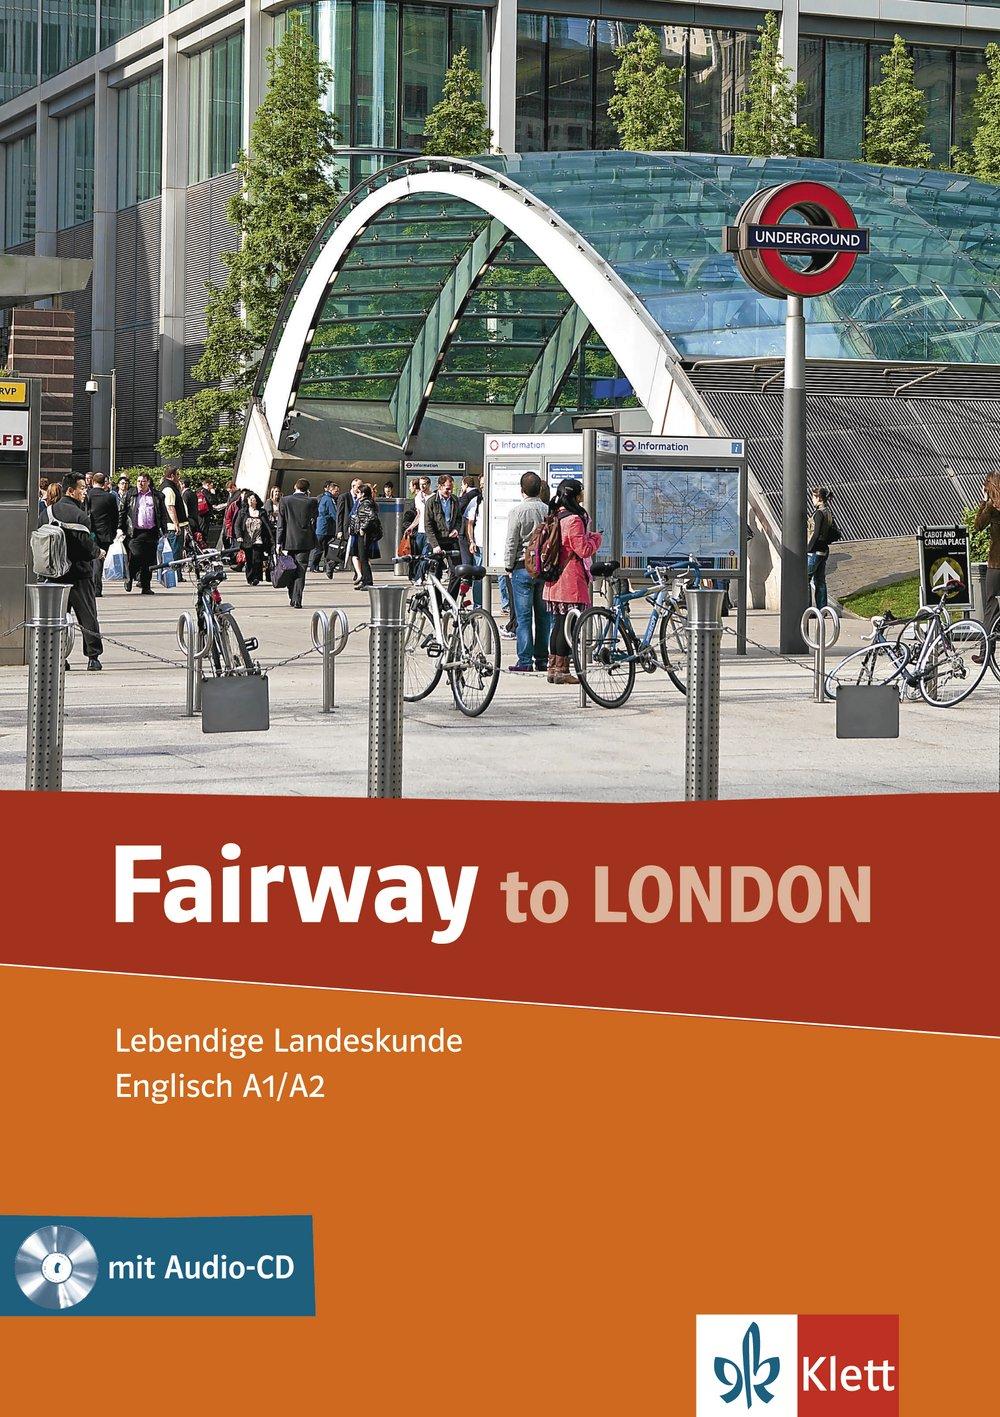 Fairway to London: Lebendige Landeskunde